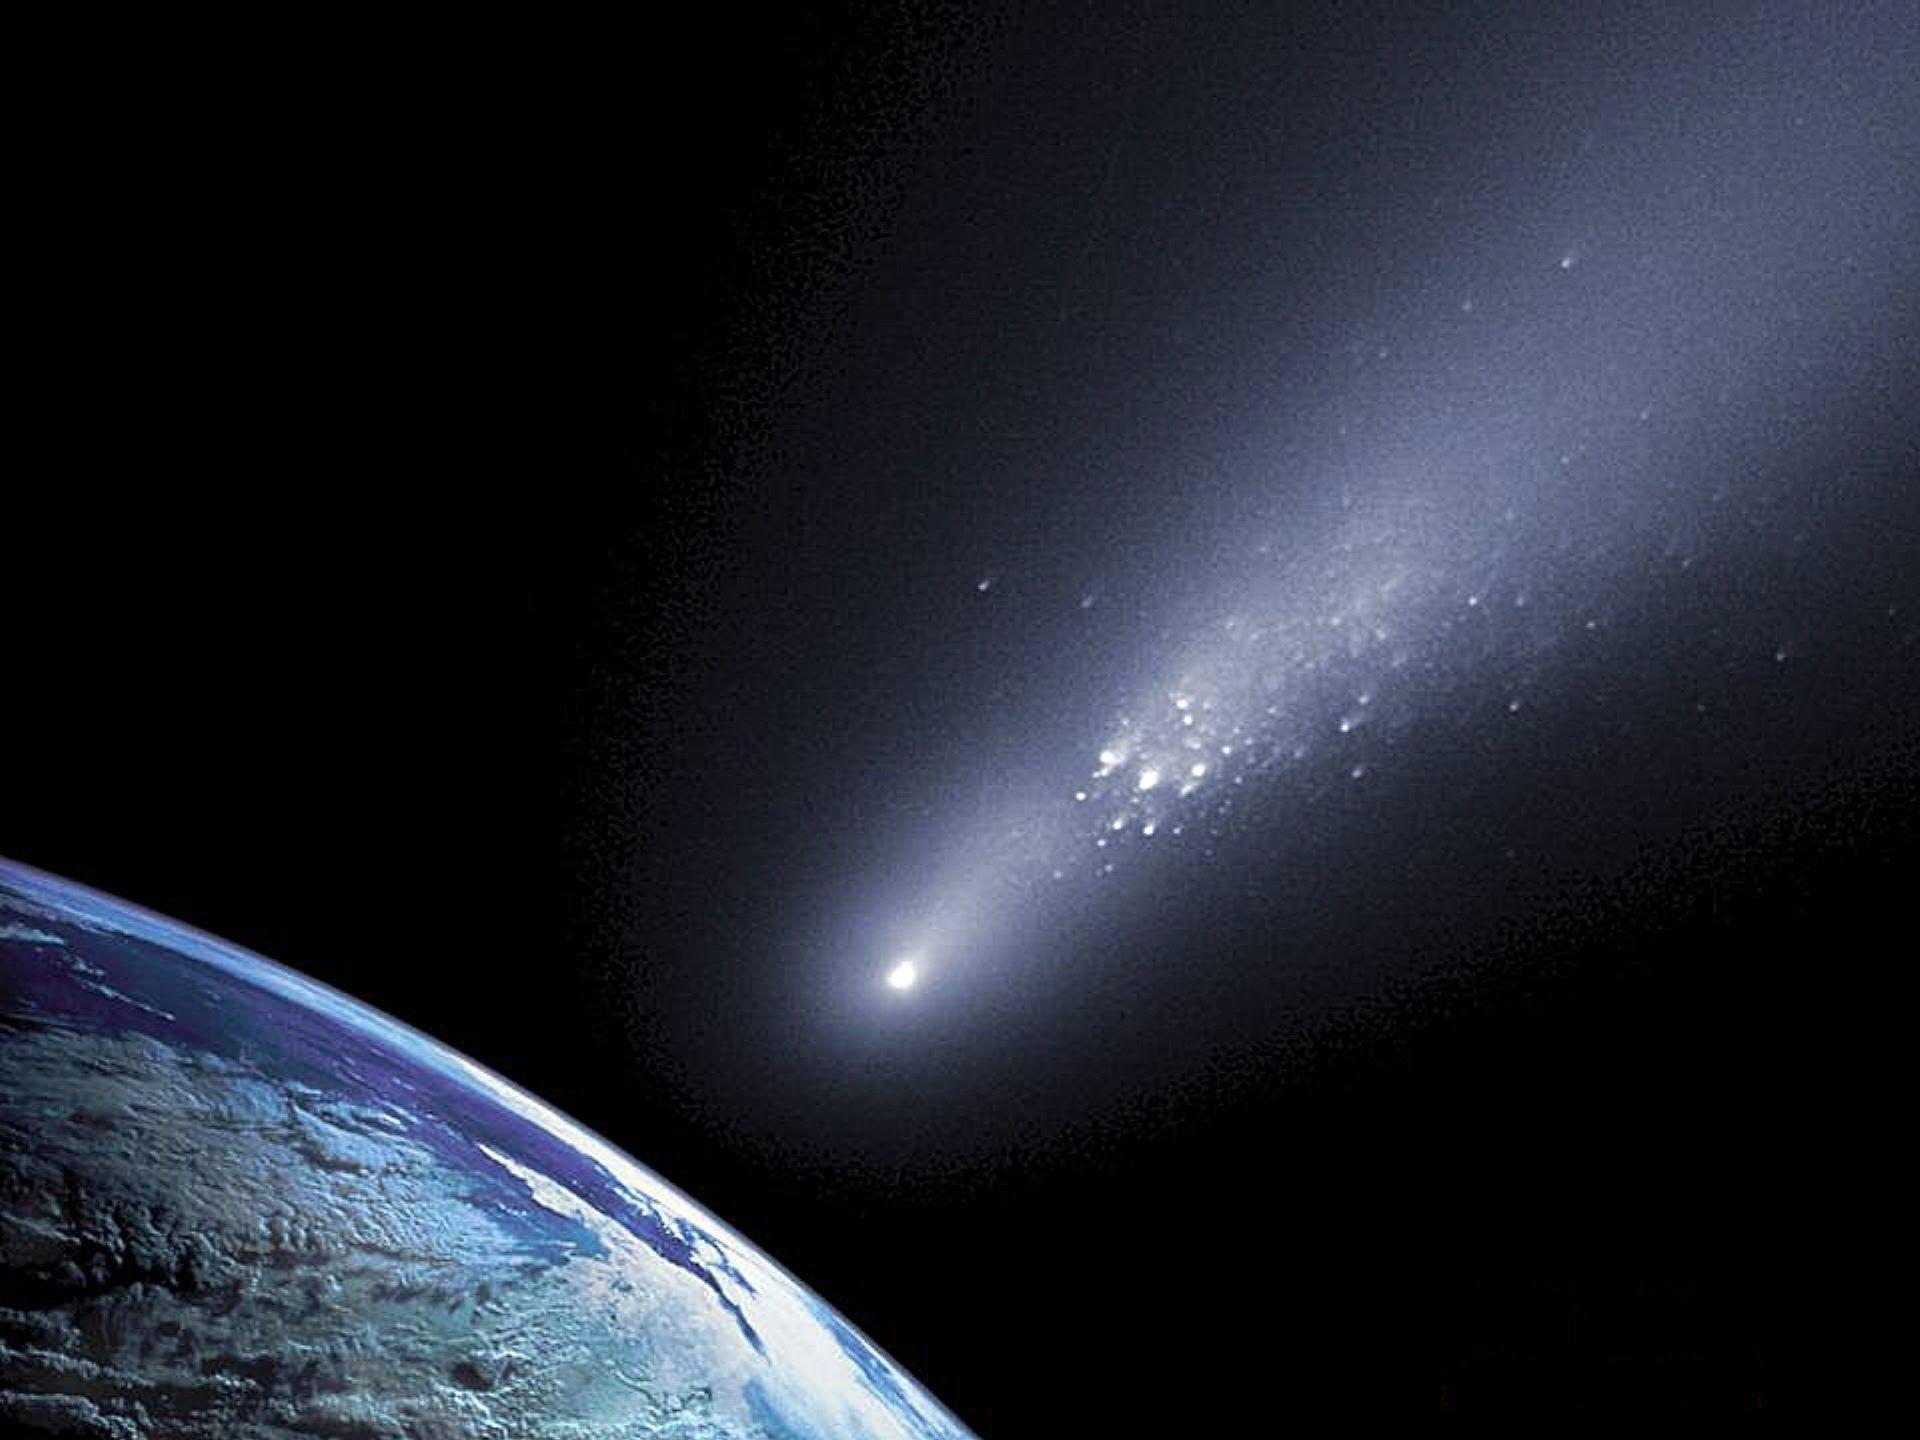 Cometa ISON: A ameaça vem do espaço - Parte 1